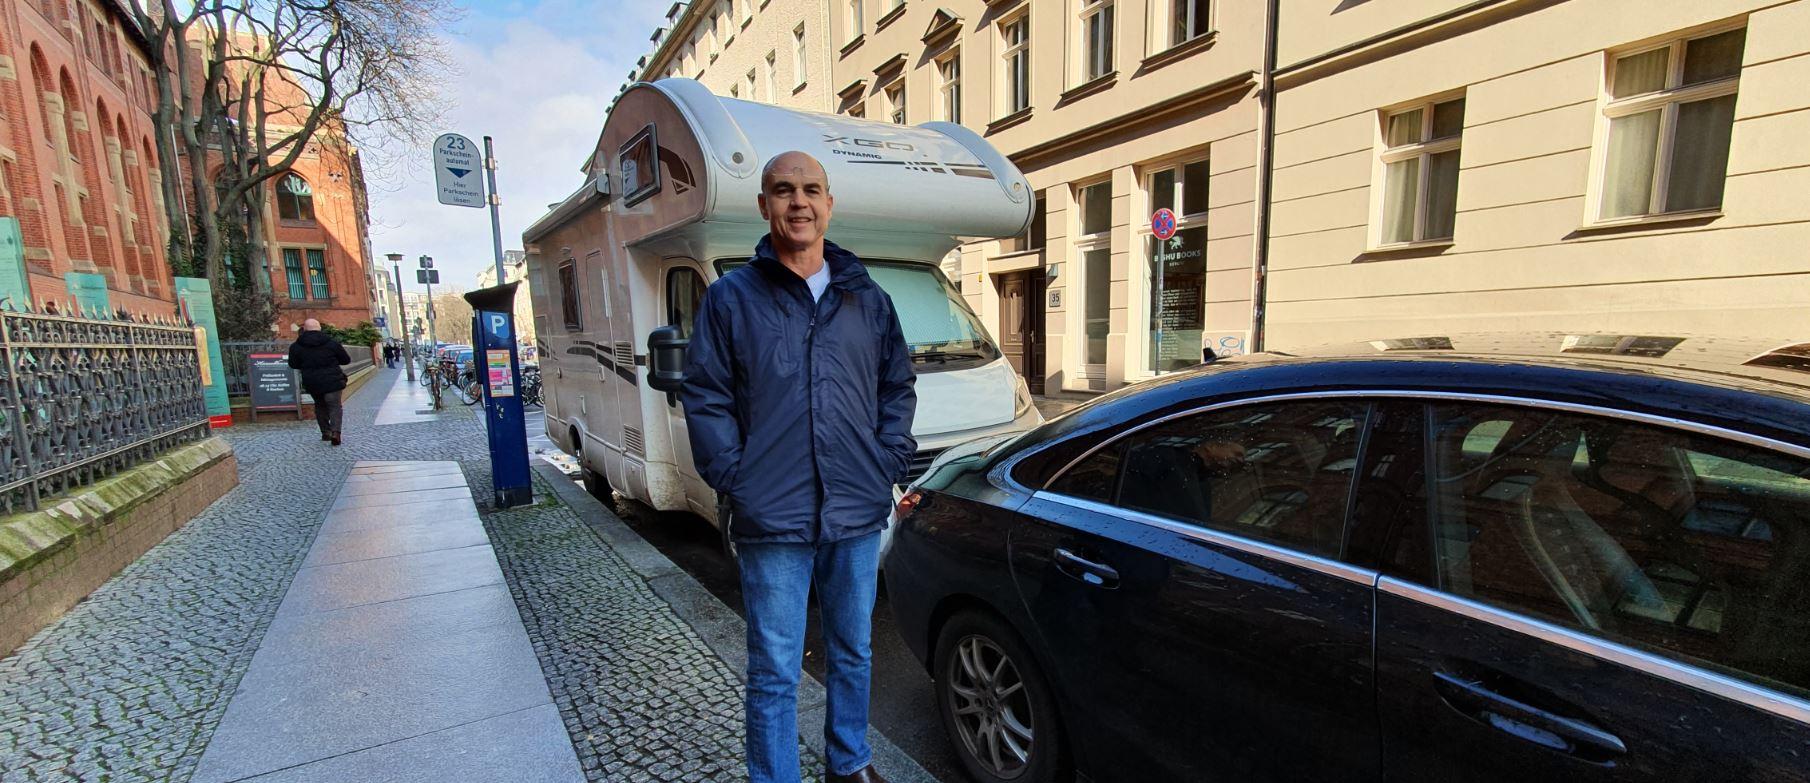 השכרת קרוואנים באירופה - חניית קרוואן בעיר